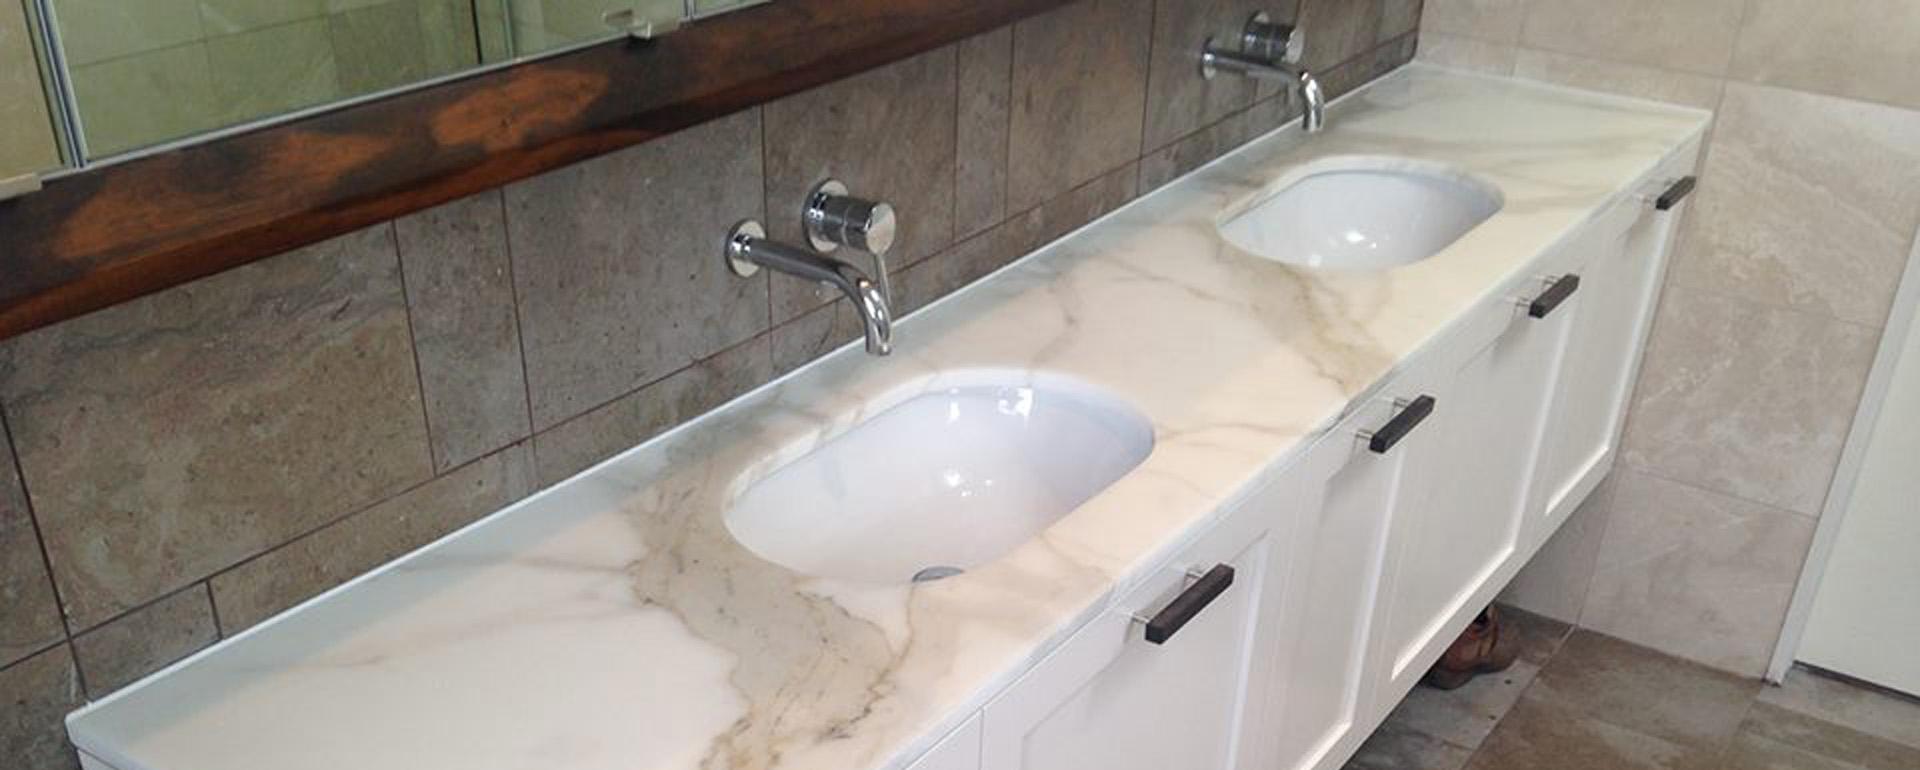 Marble Vanity Restoration